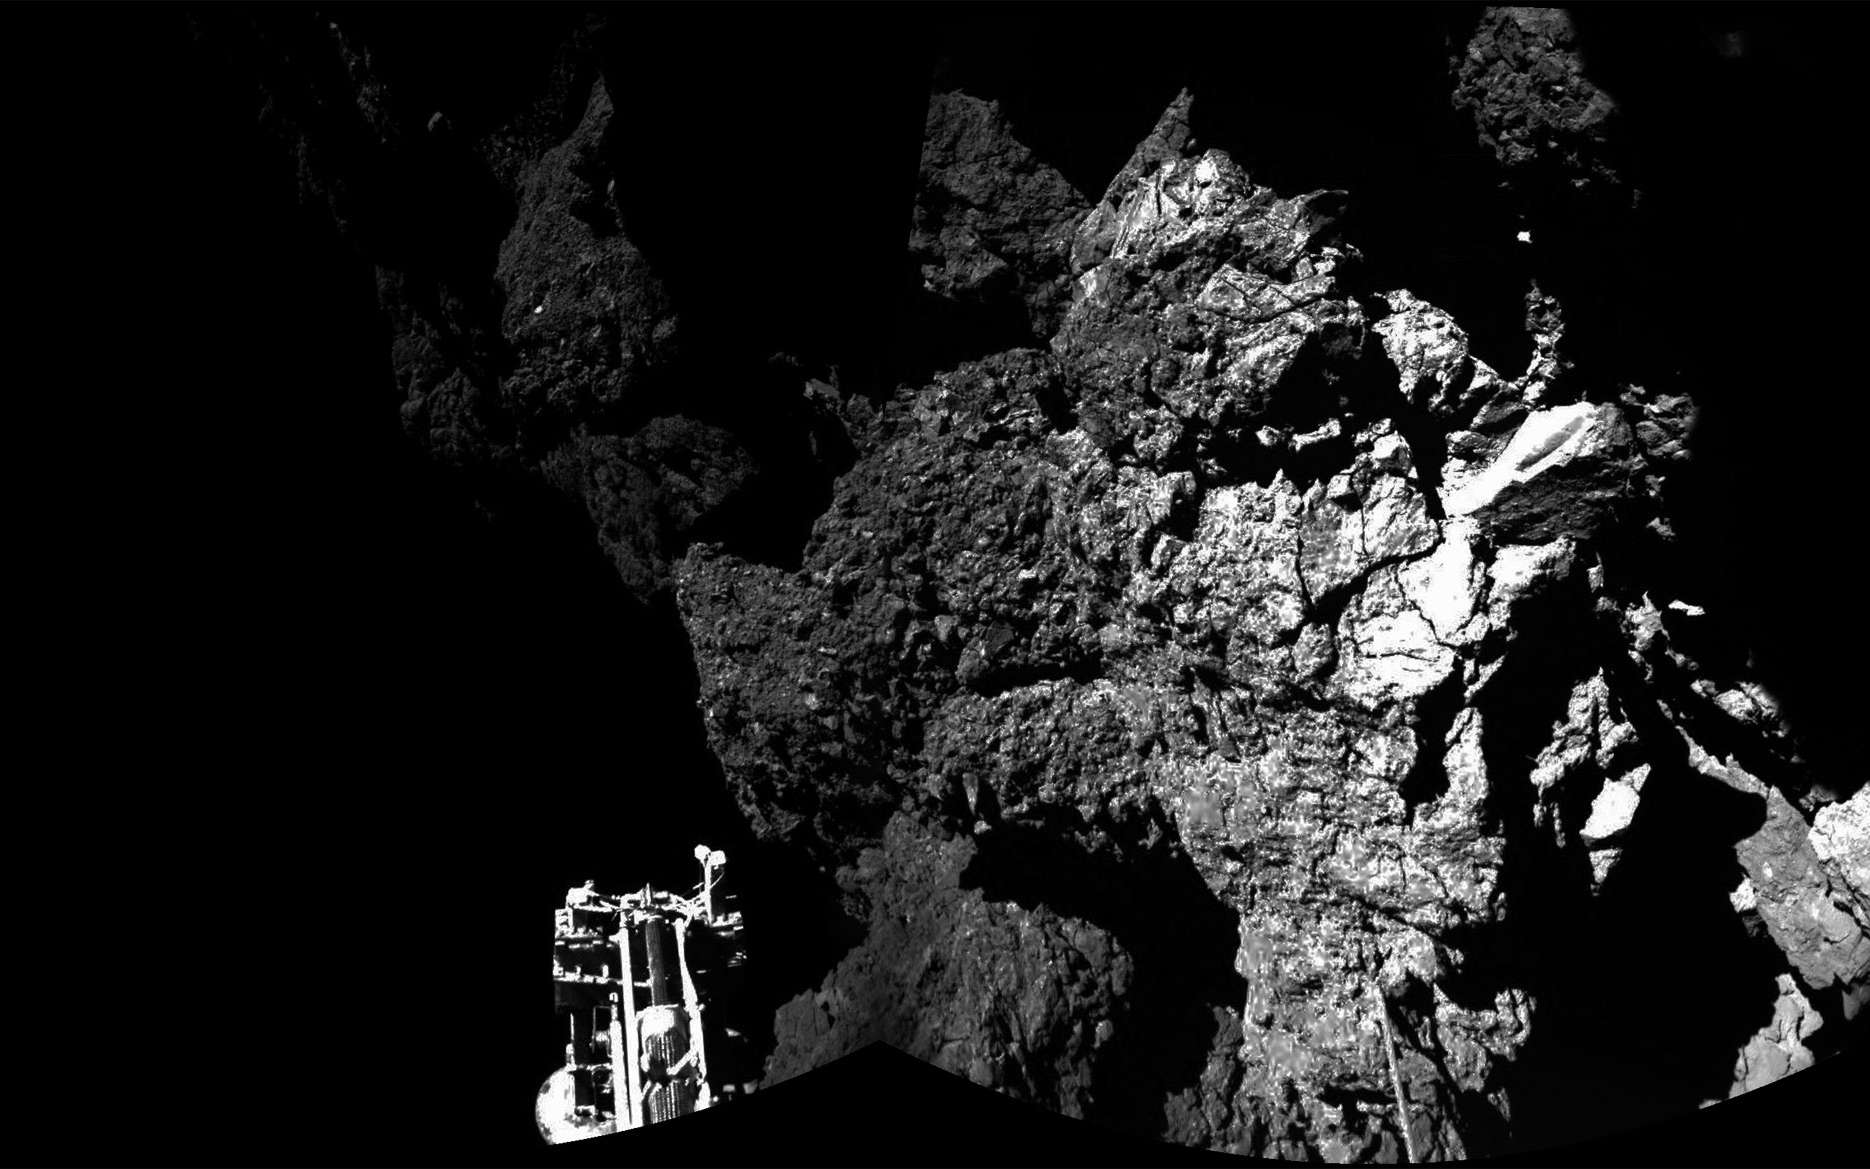 Une des trois jambes du robot Philae, posé quelque part sur la comète 67P/Churyumov-Gerasimenko dans un lieu ombragé. © Esa, Philae Science team, Civa